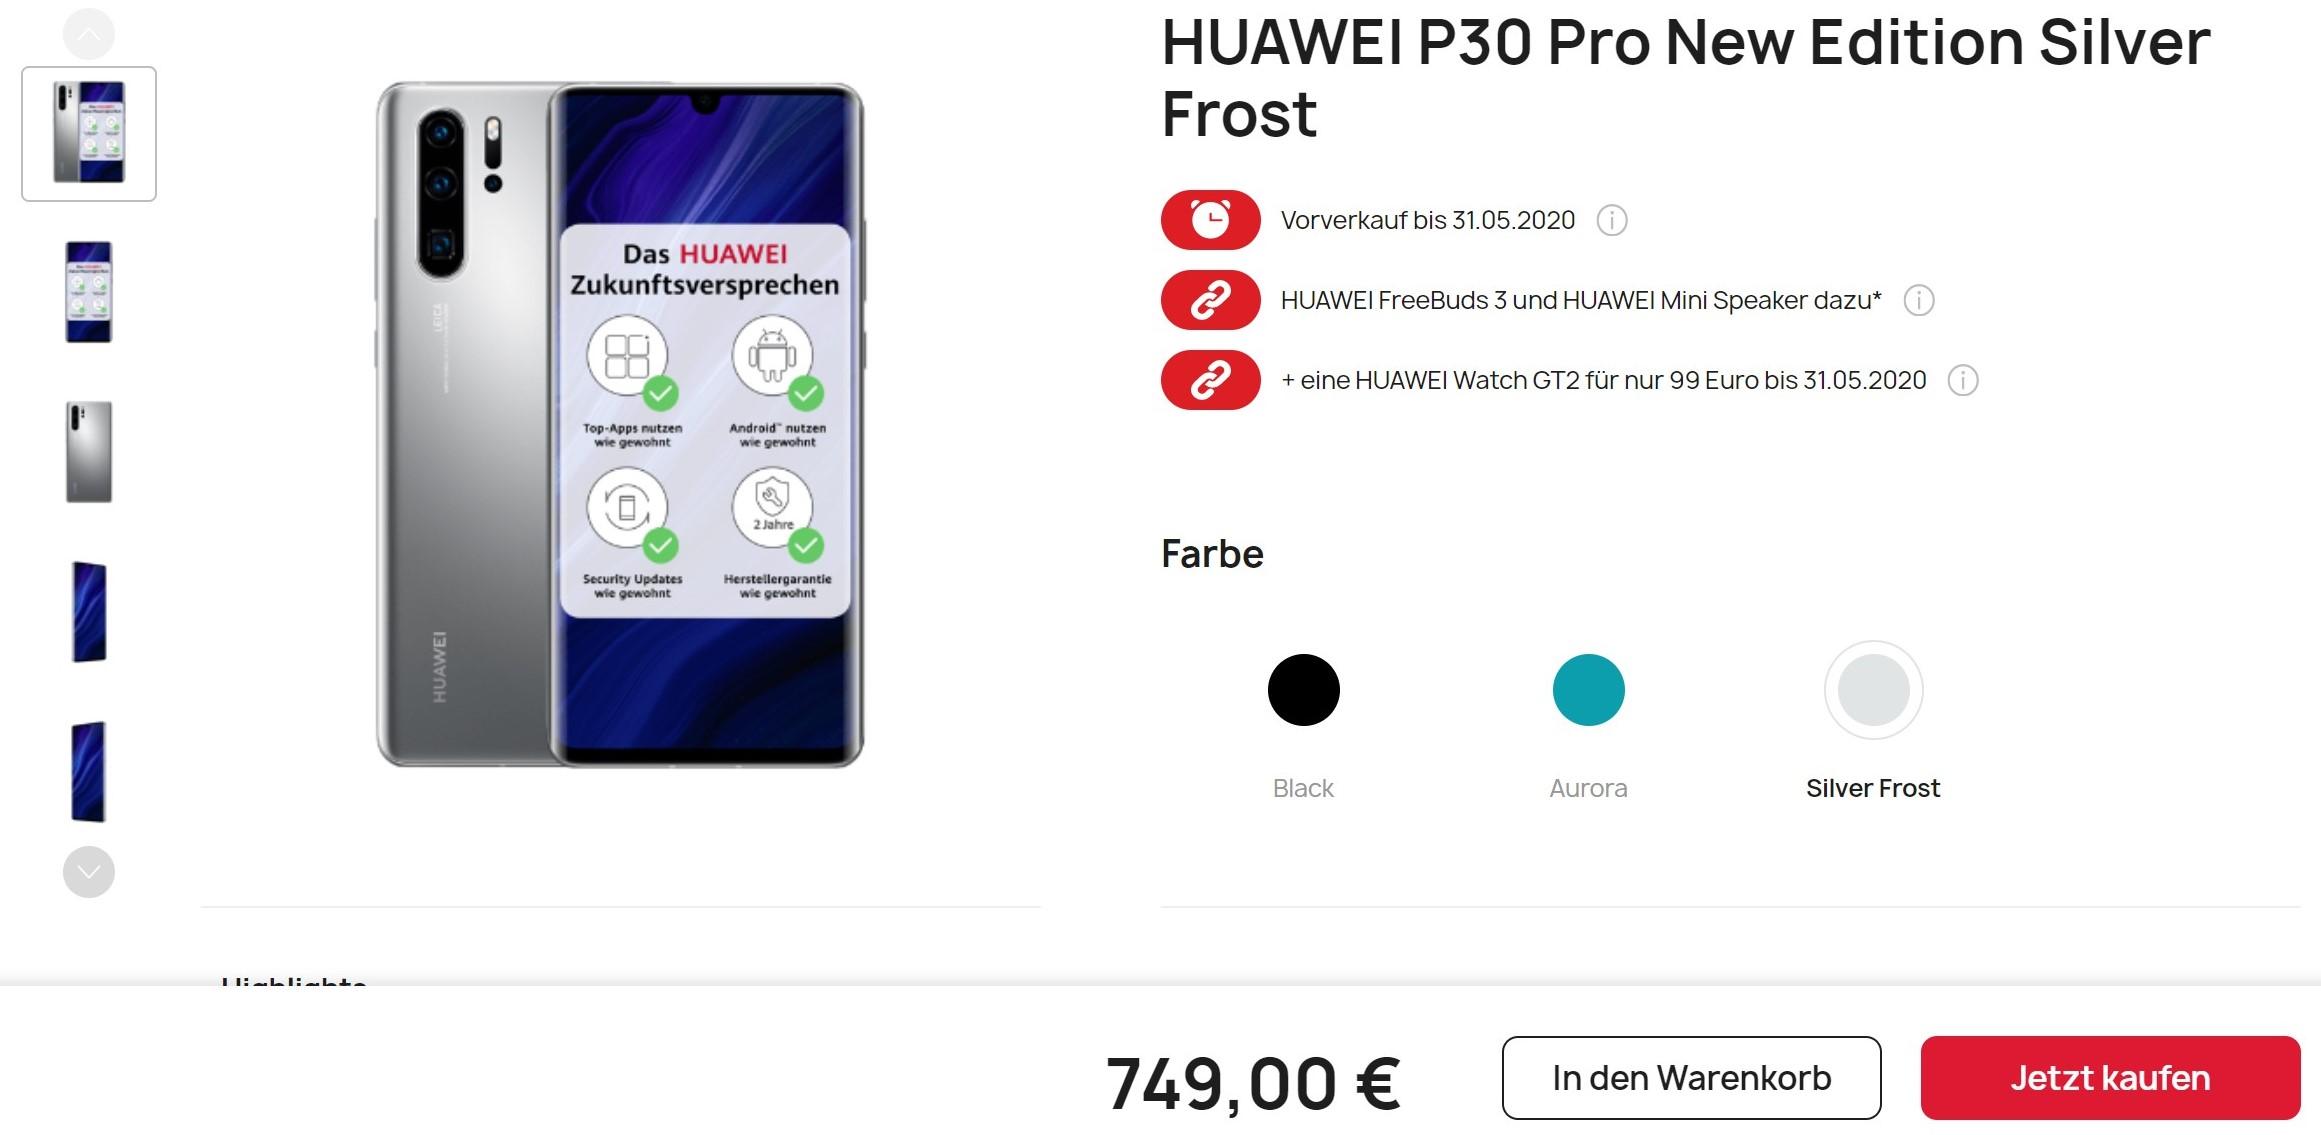 """Można już kupić Huawei P30 Pro New Edition. """"Nowości"""" tu jednak nie ma za grosz"""